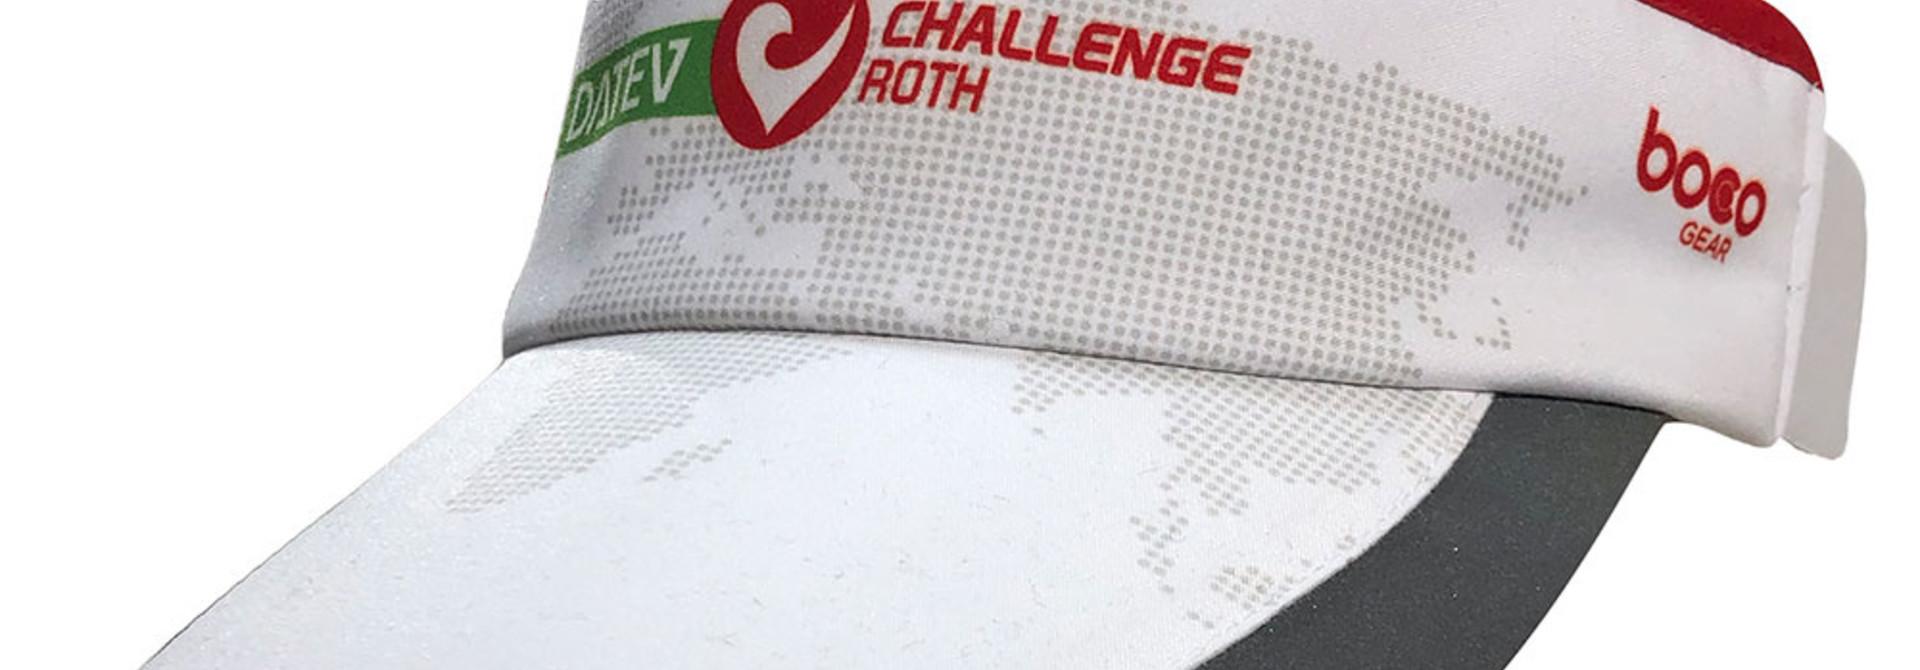 Visor white Heart of the Triathlon World